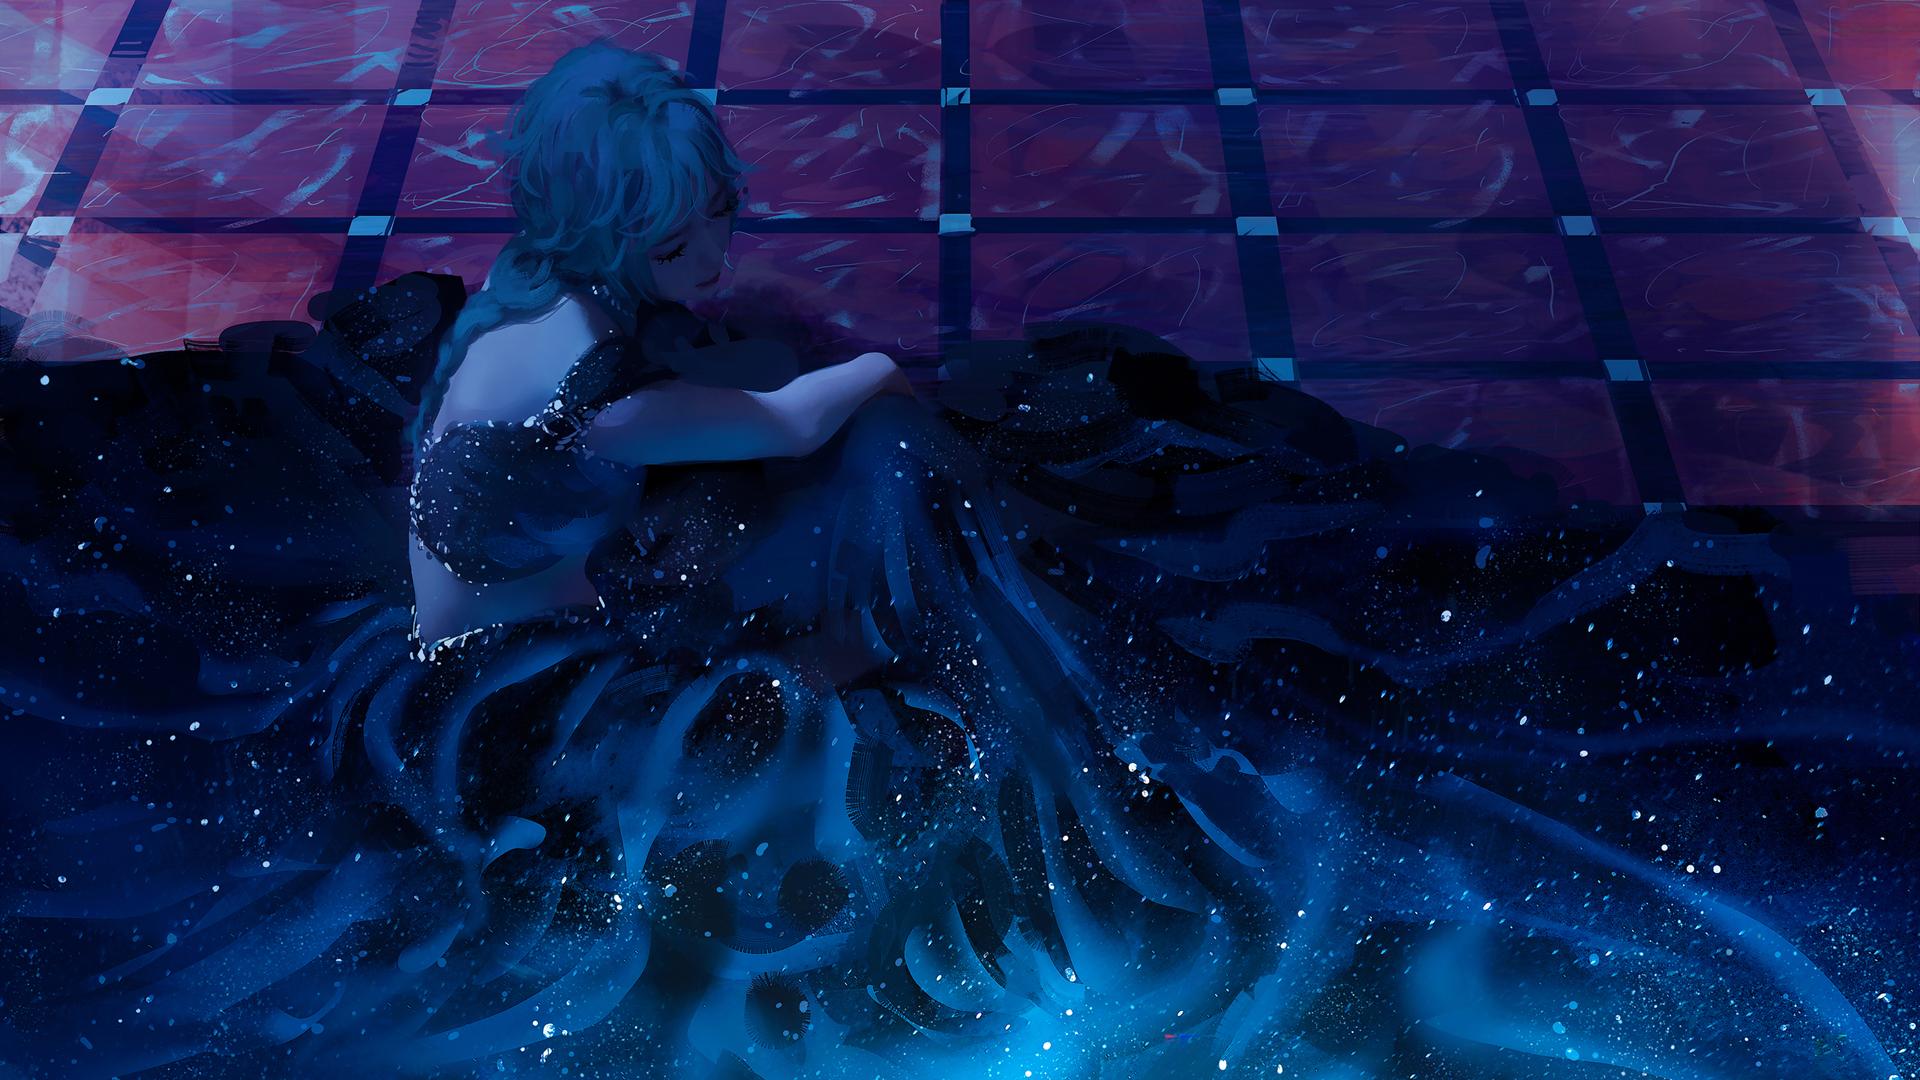 坐在地板的公主 唯美长裙 厚涂画风 高清壁纸